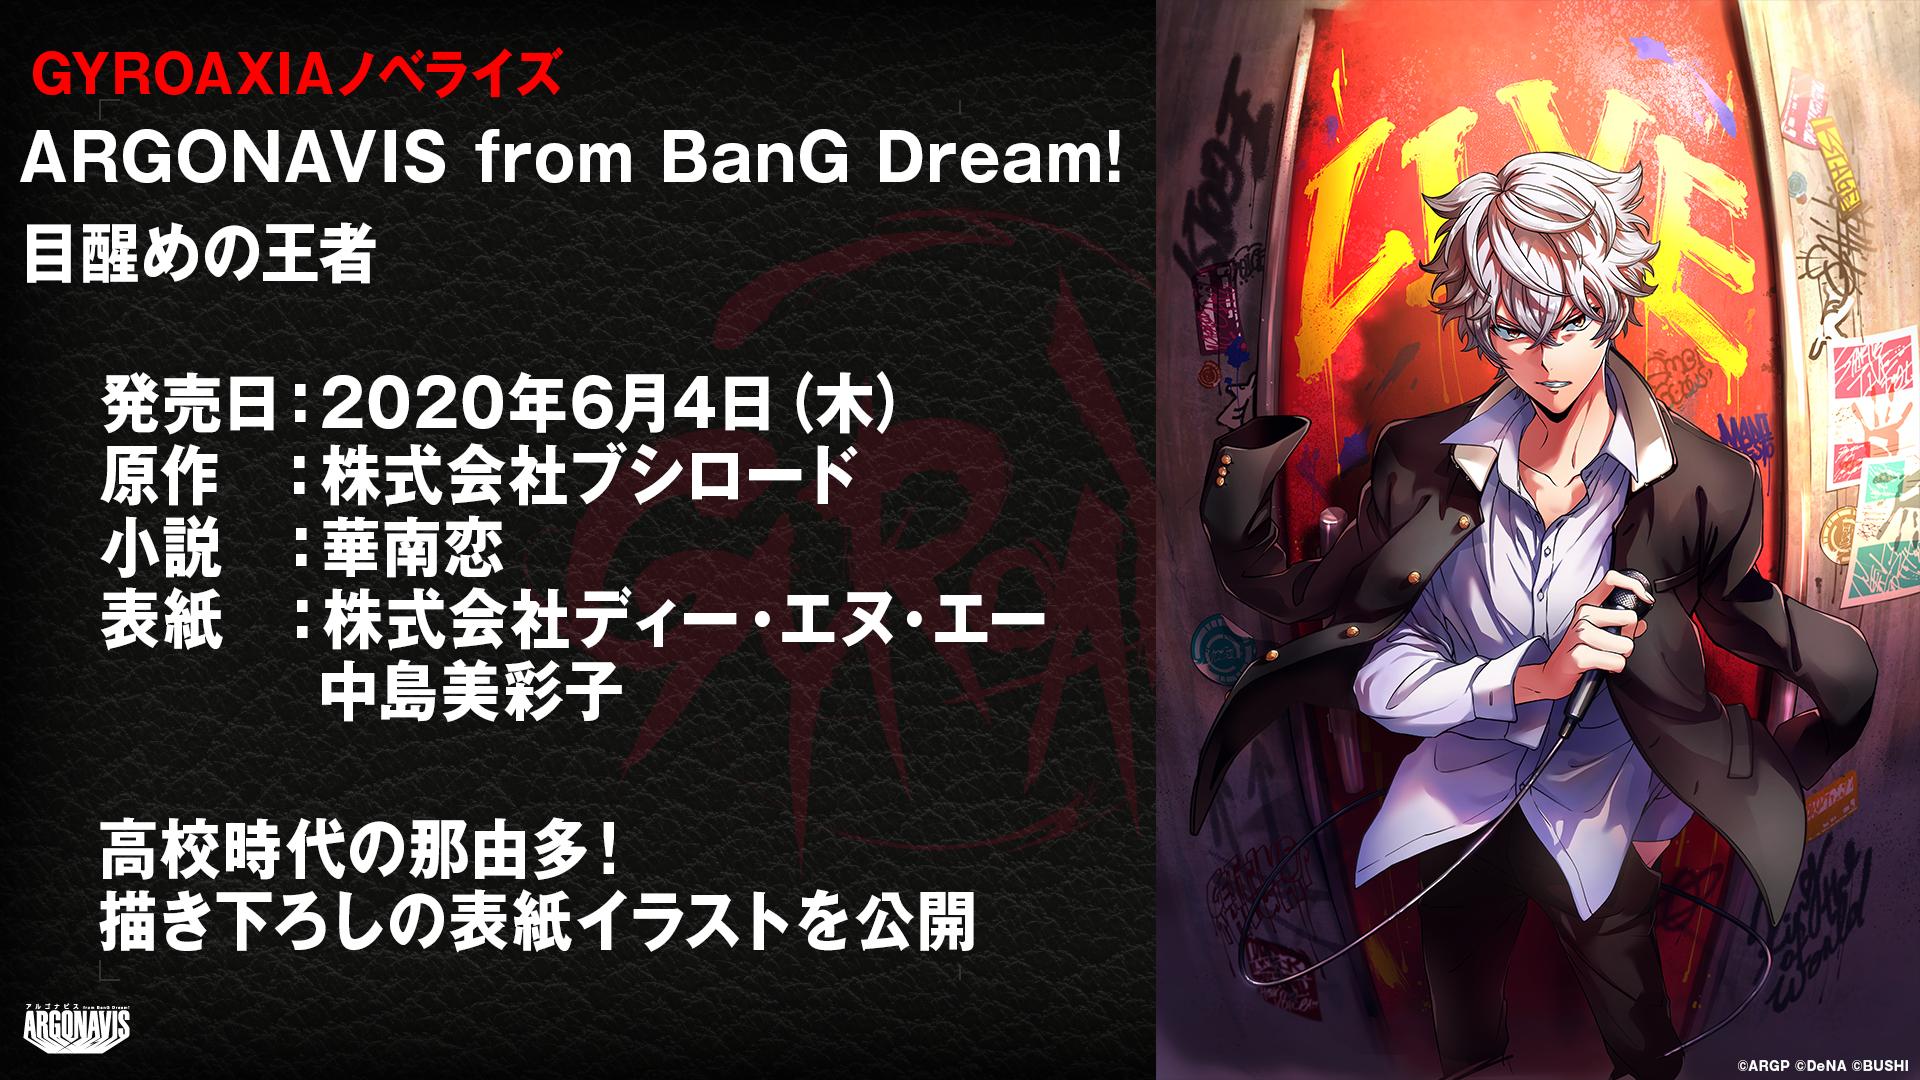 小説「ARGONAVIS from BanG Dream! 目醒めの王者」